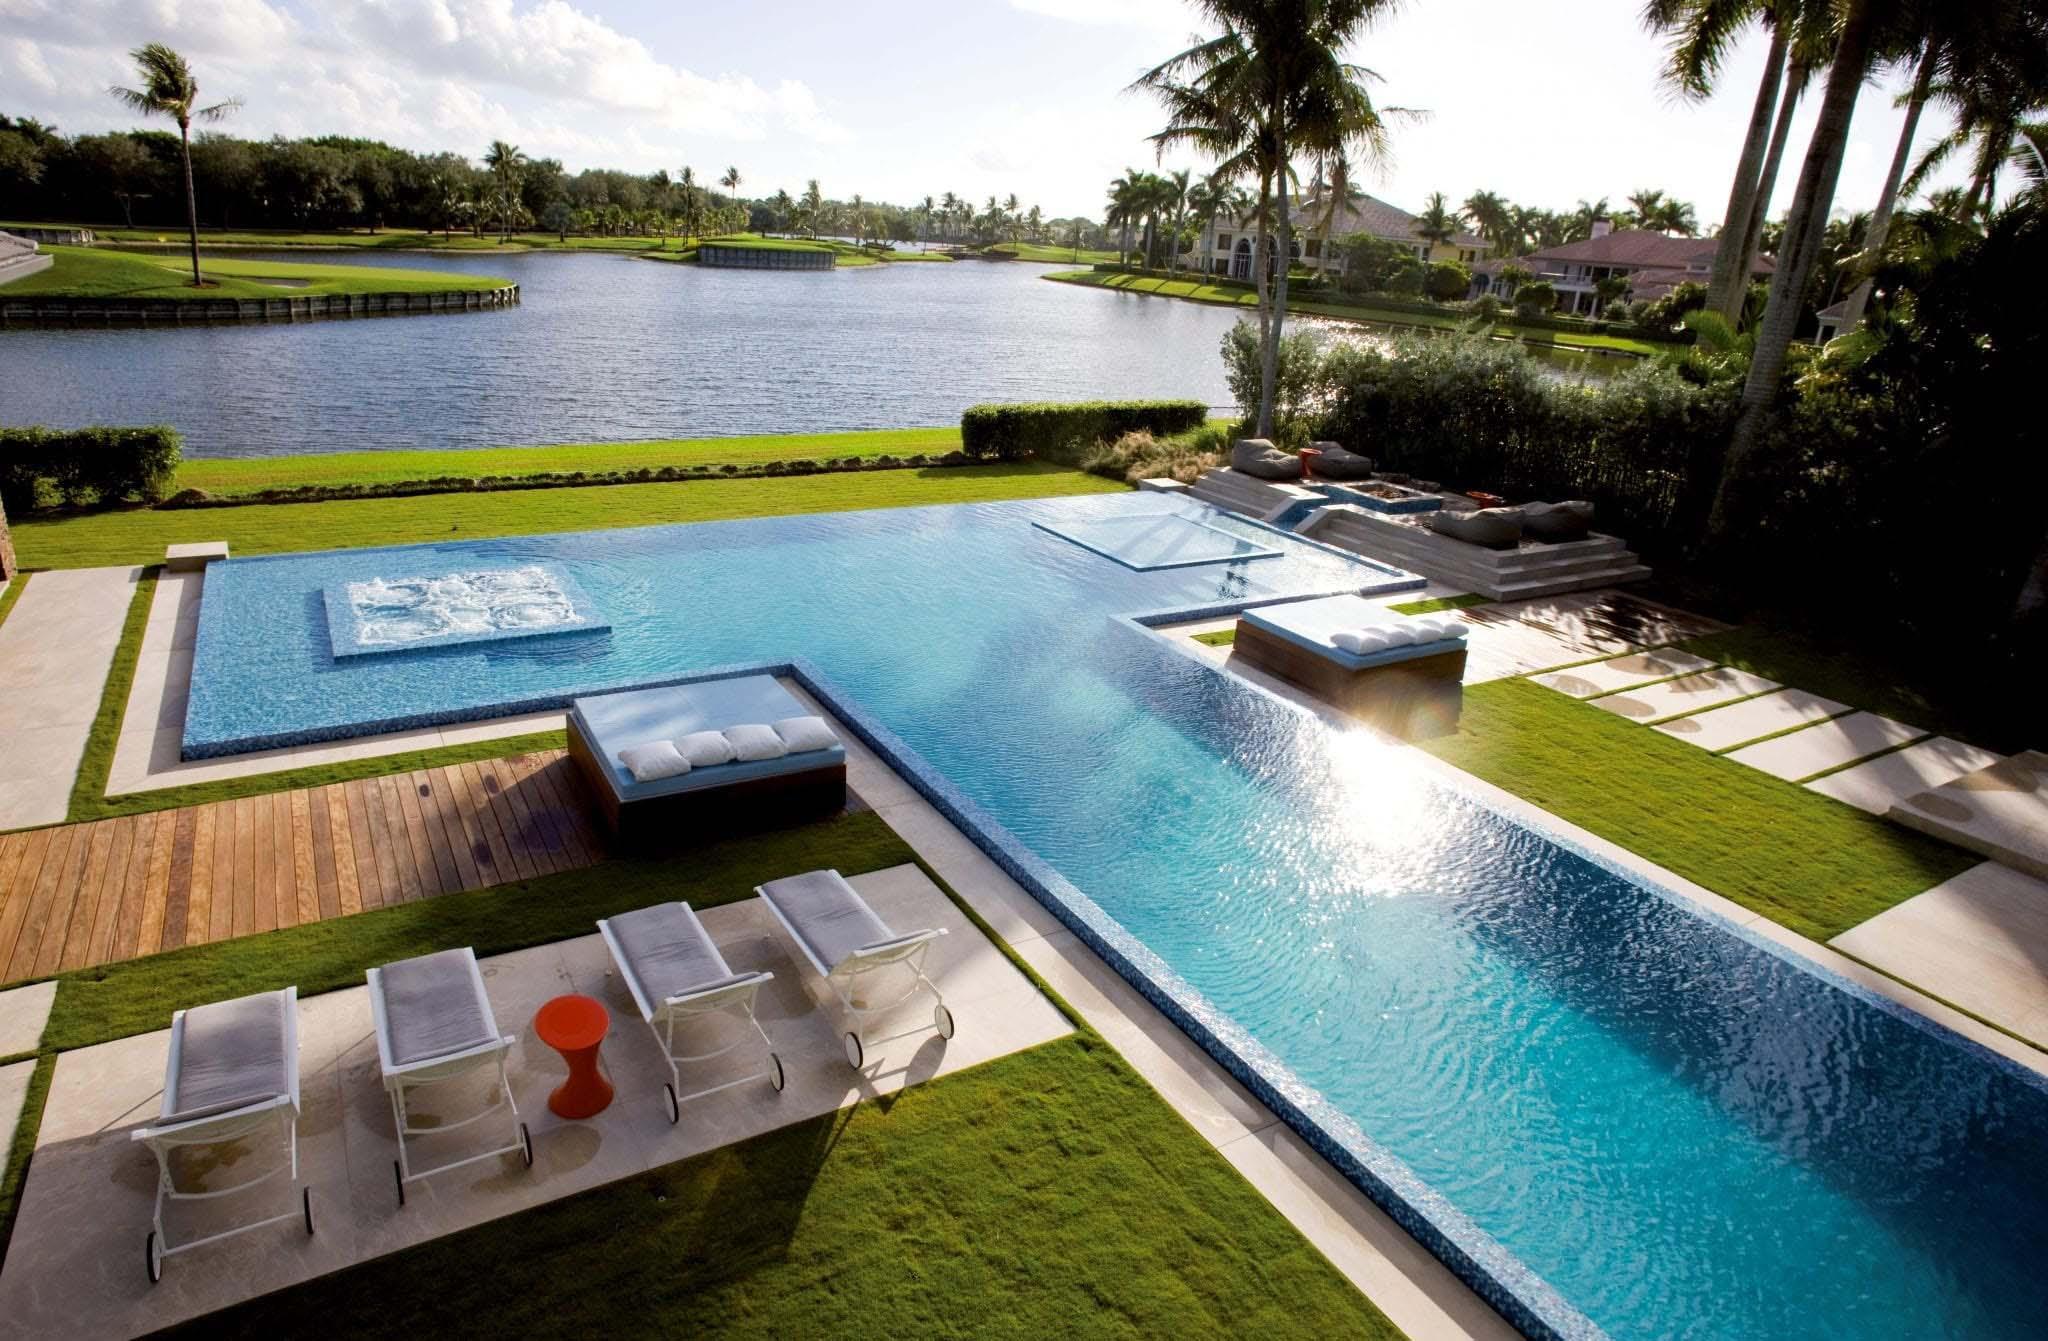 Private Pool in Boca Raton, Florida240j8796